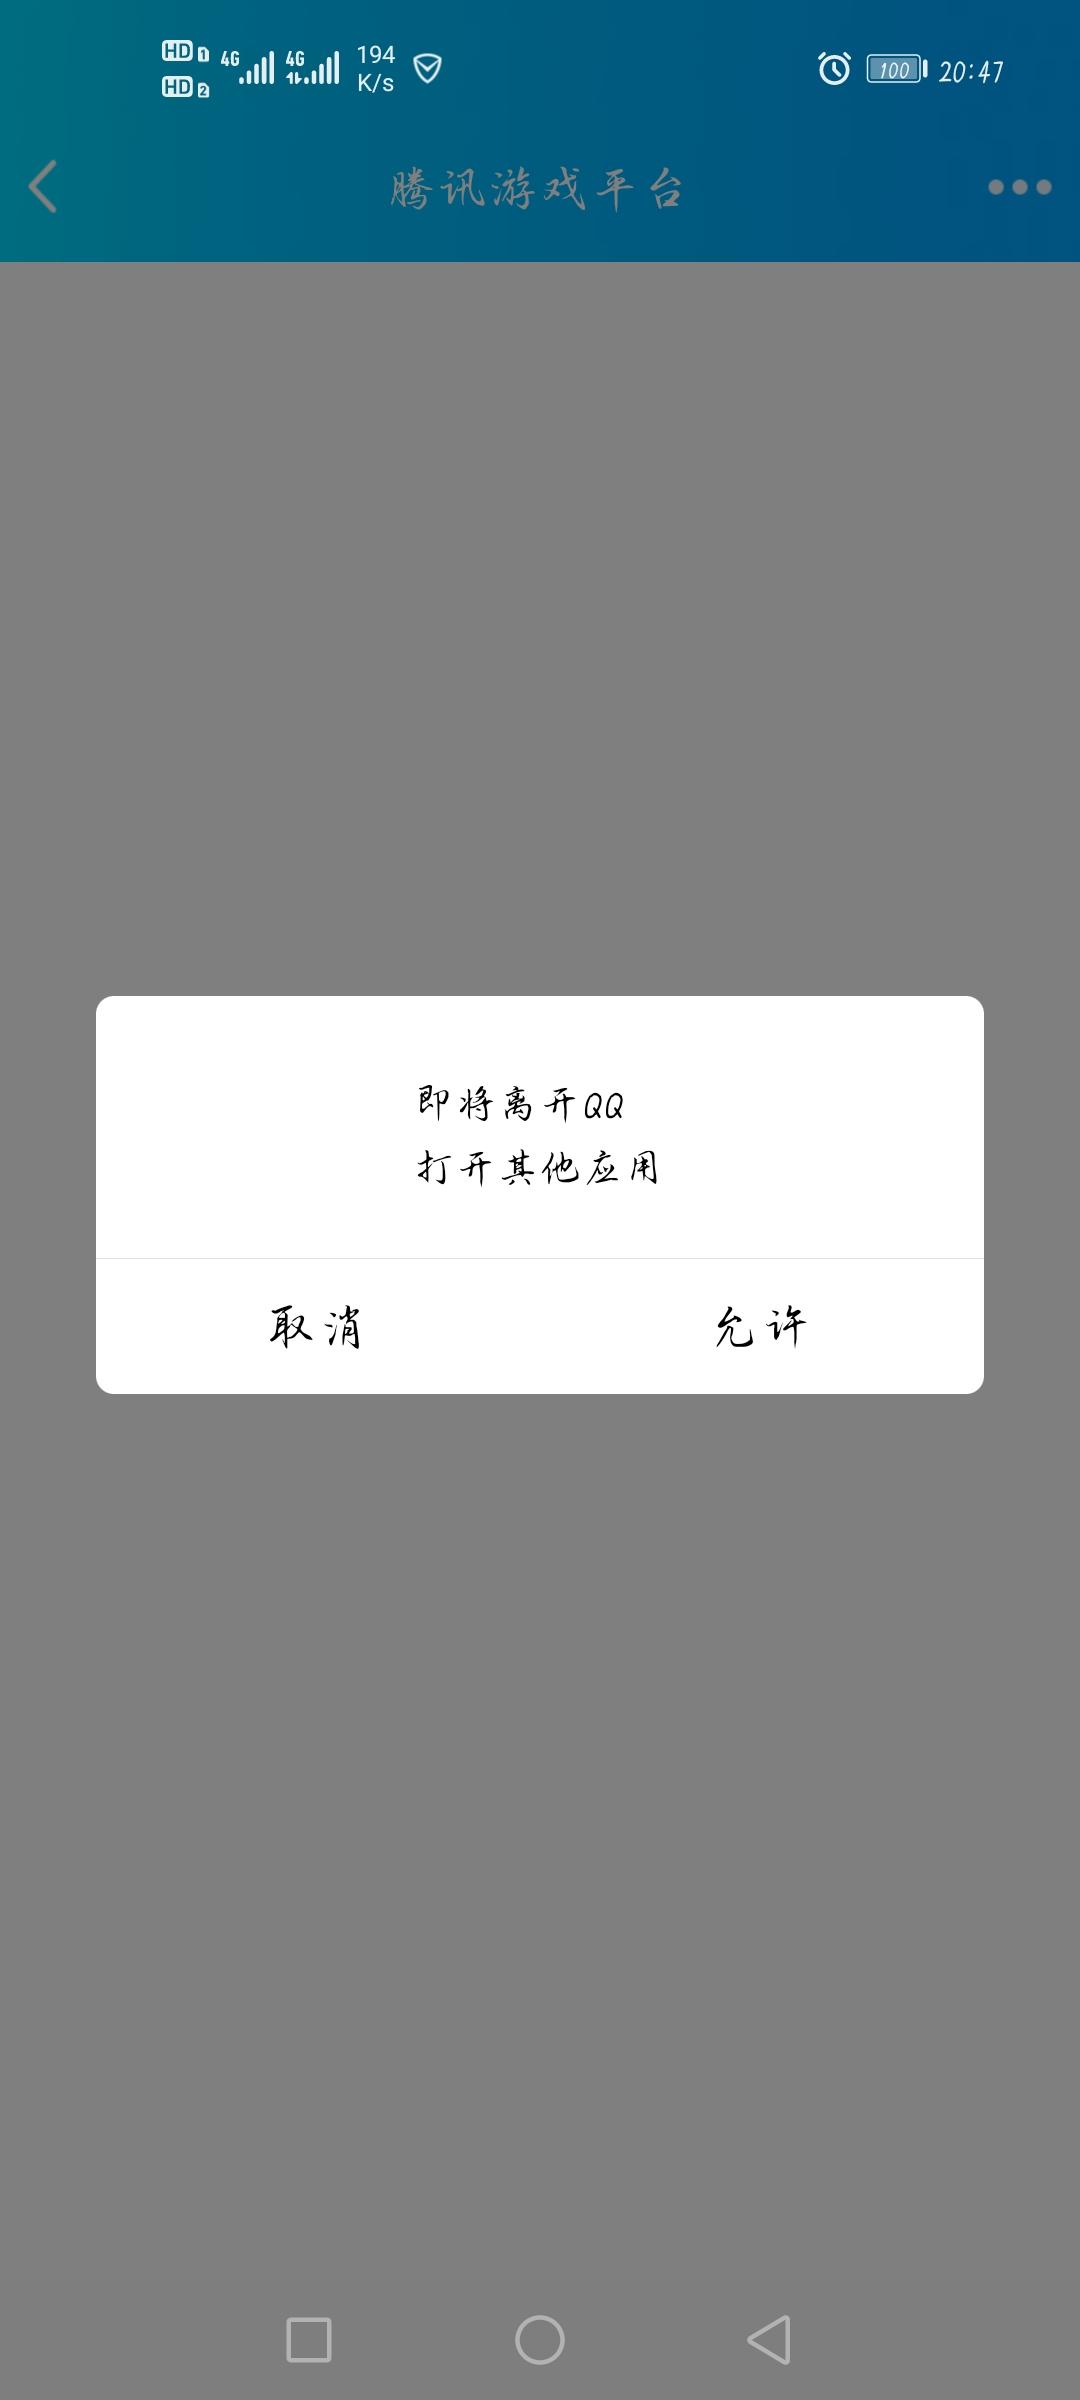 【虚拟物品】街霸WeGame拉人领30QB